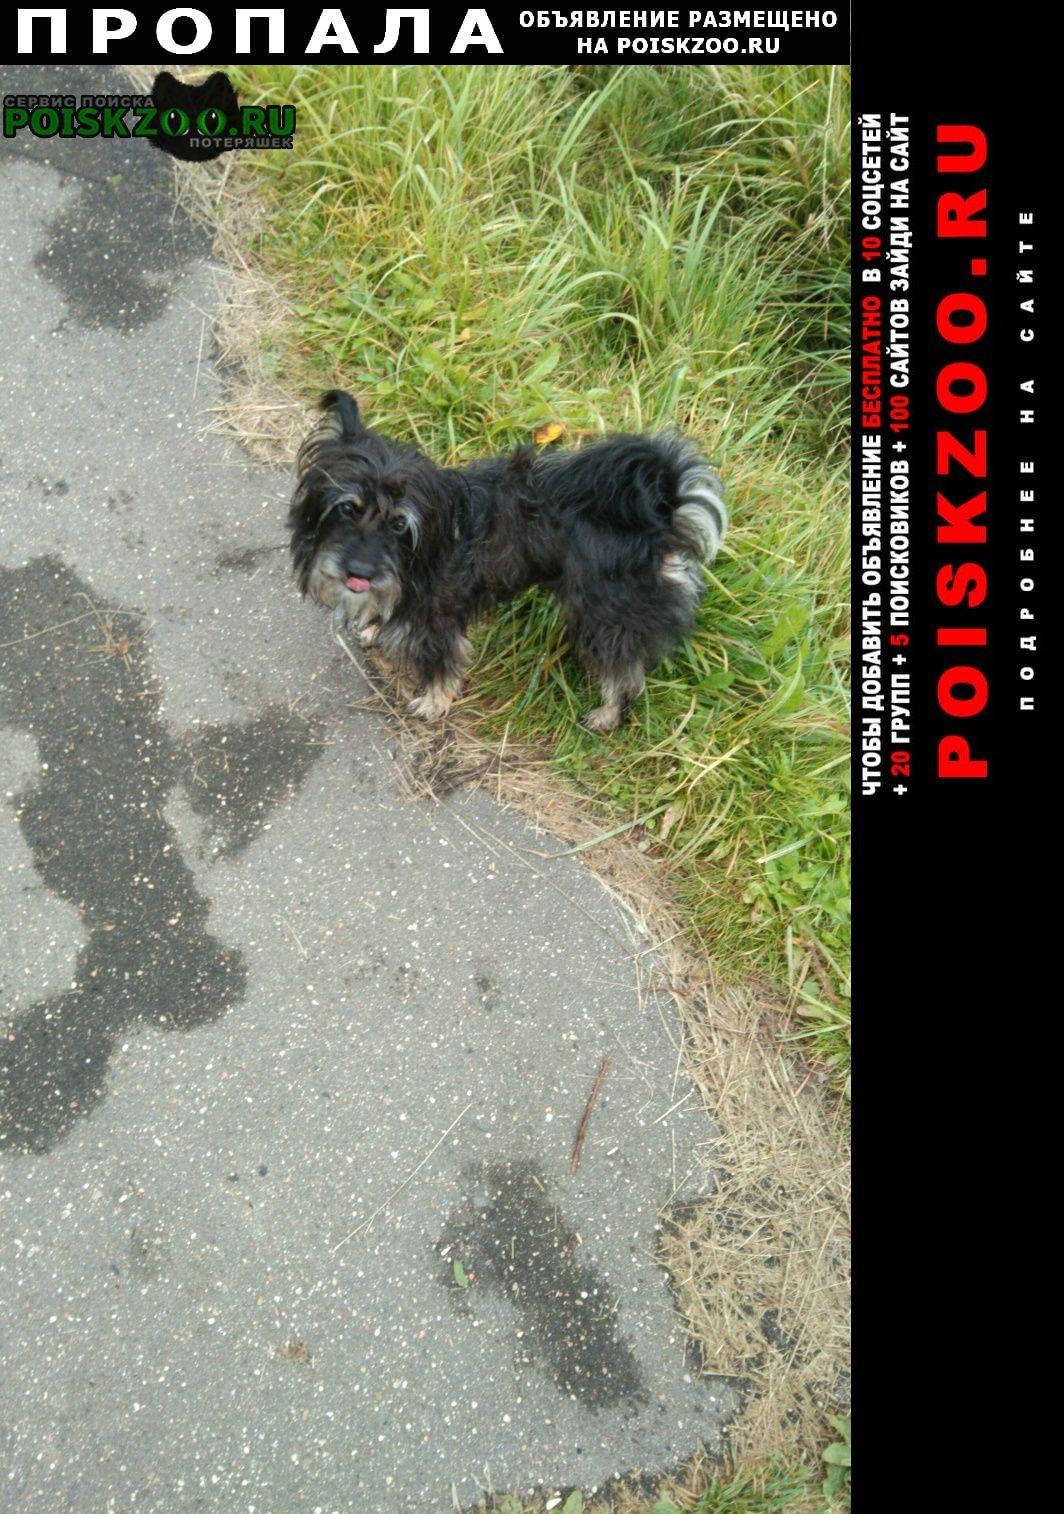 Пропала собака Волоколамск